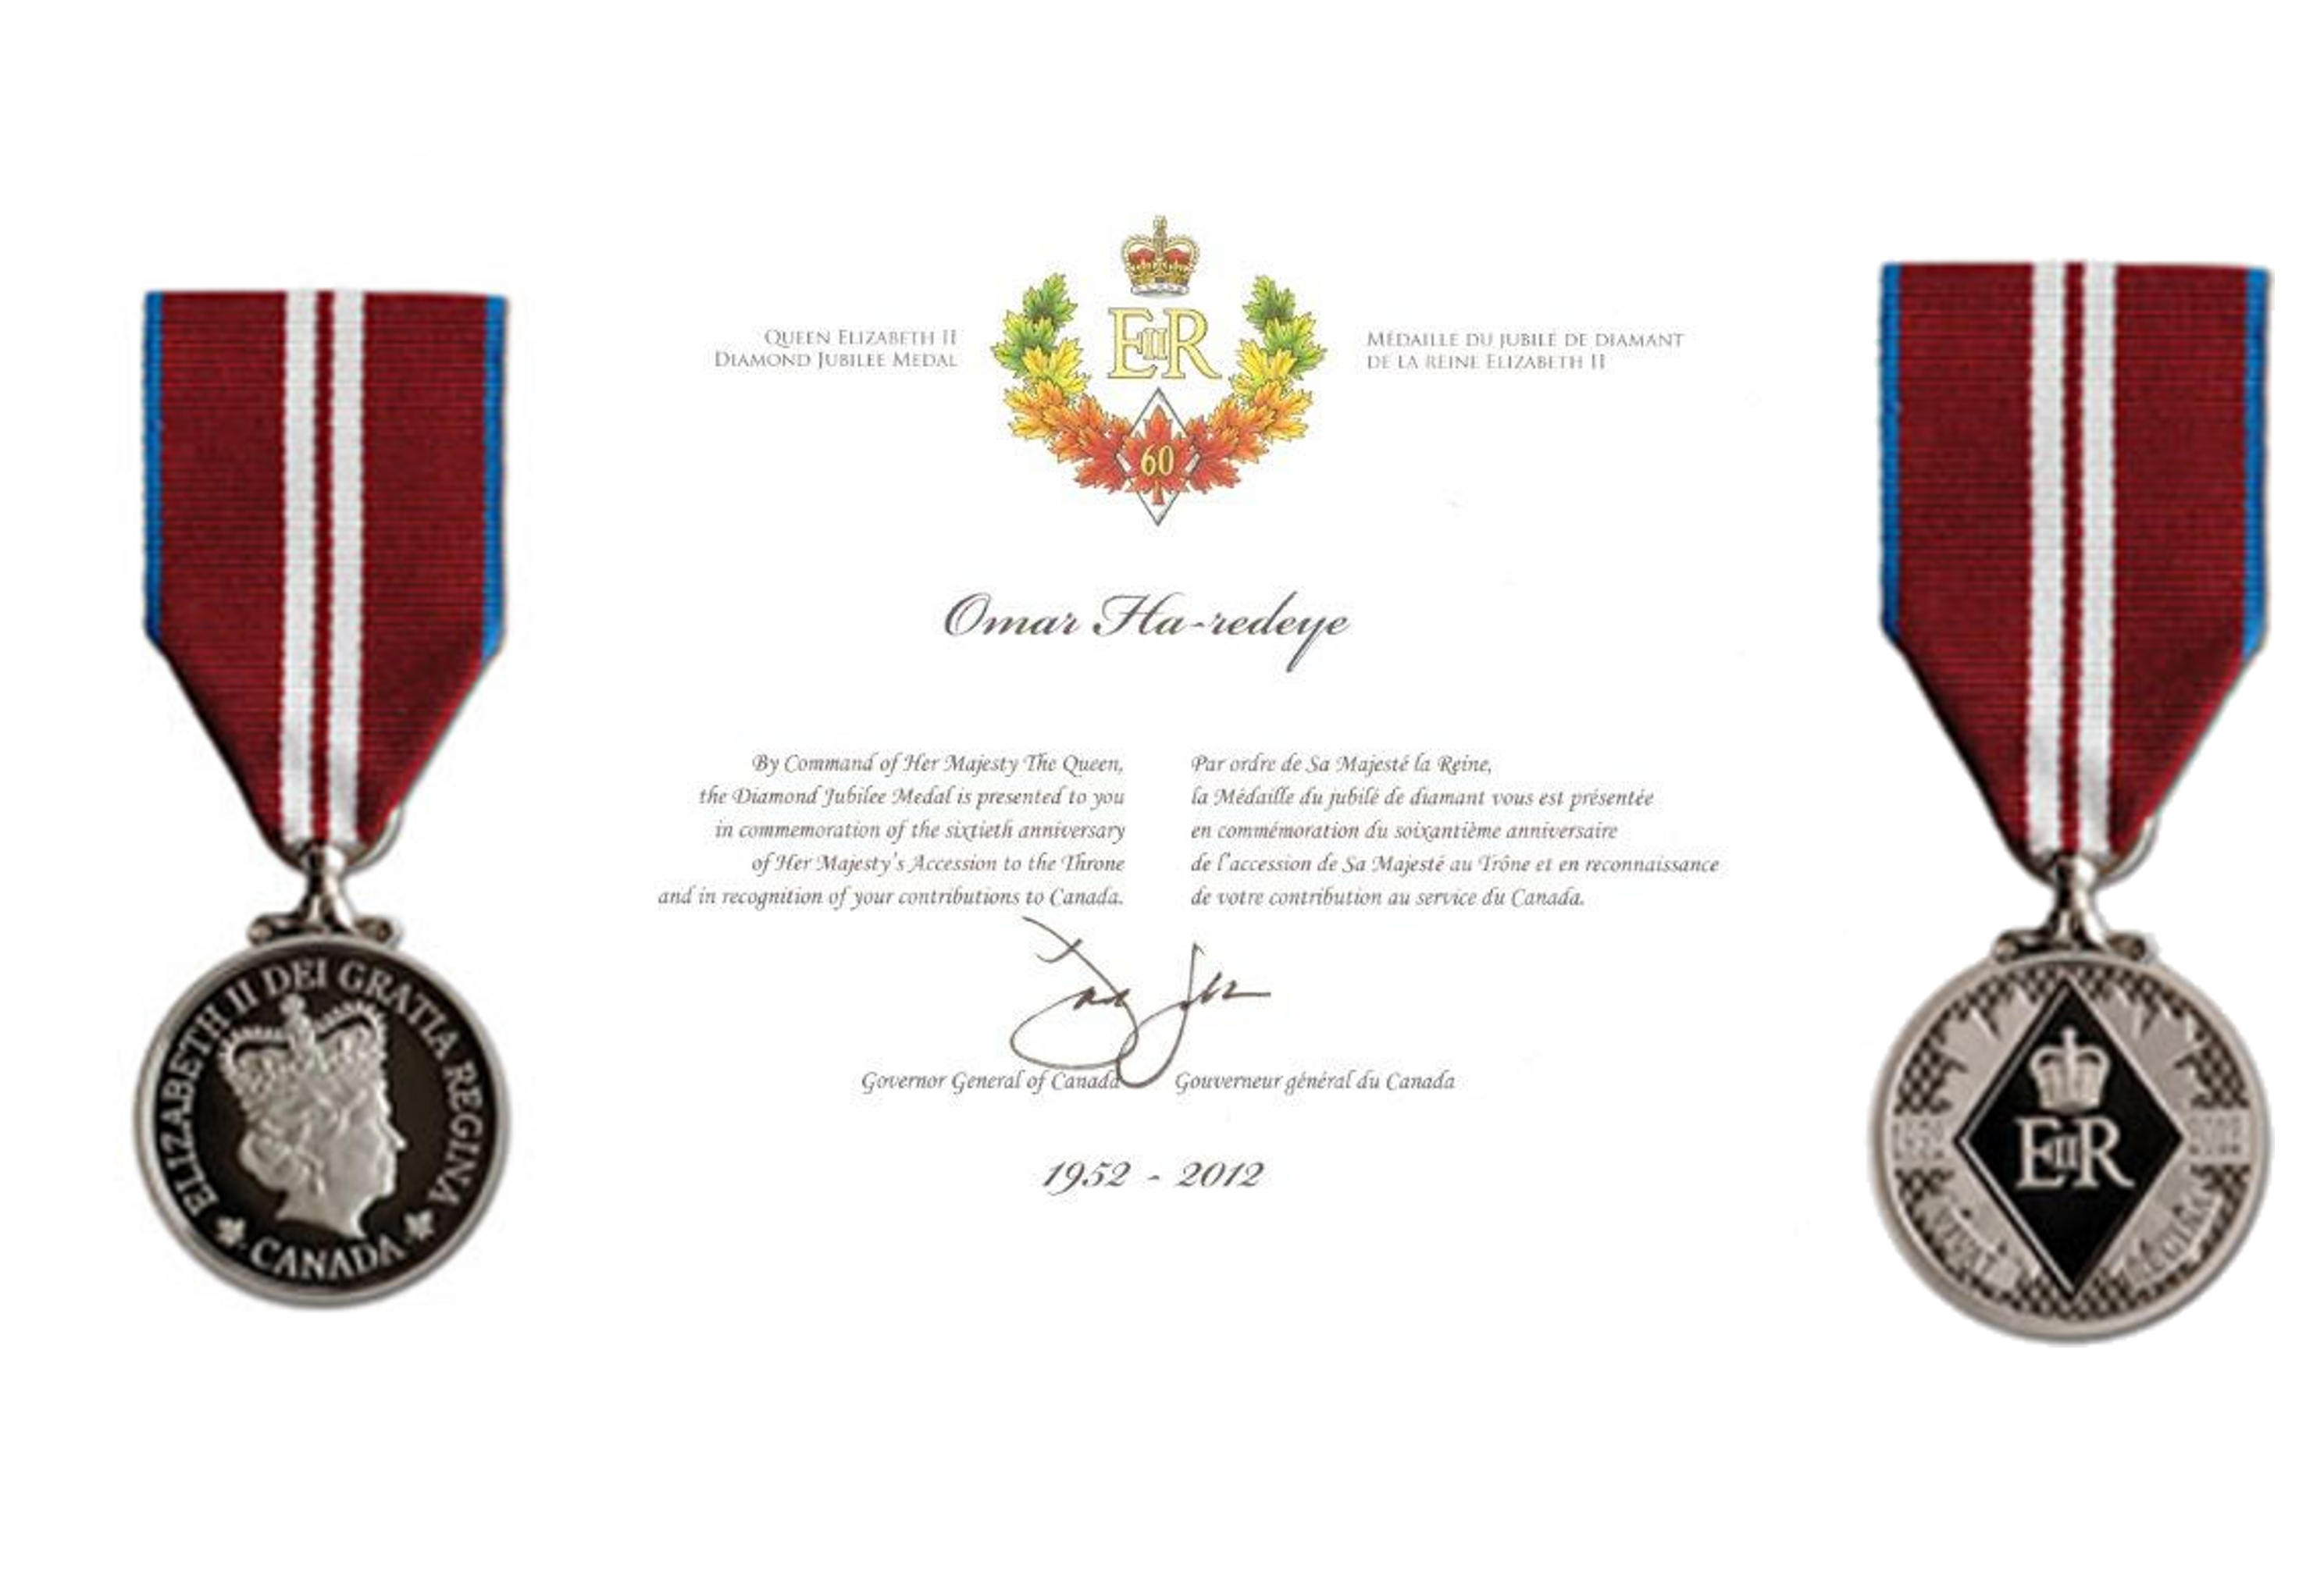 Queen Elizabeth II Diamond Jubilee Medal Recipient.